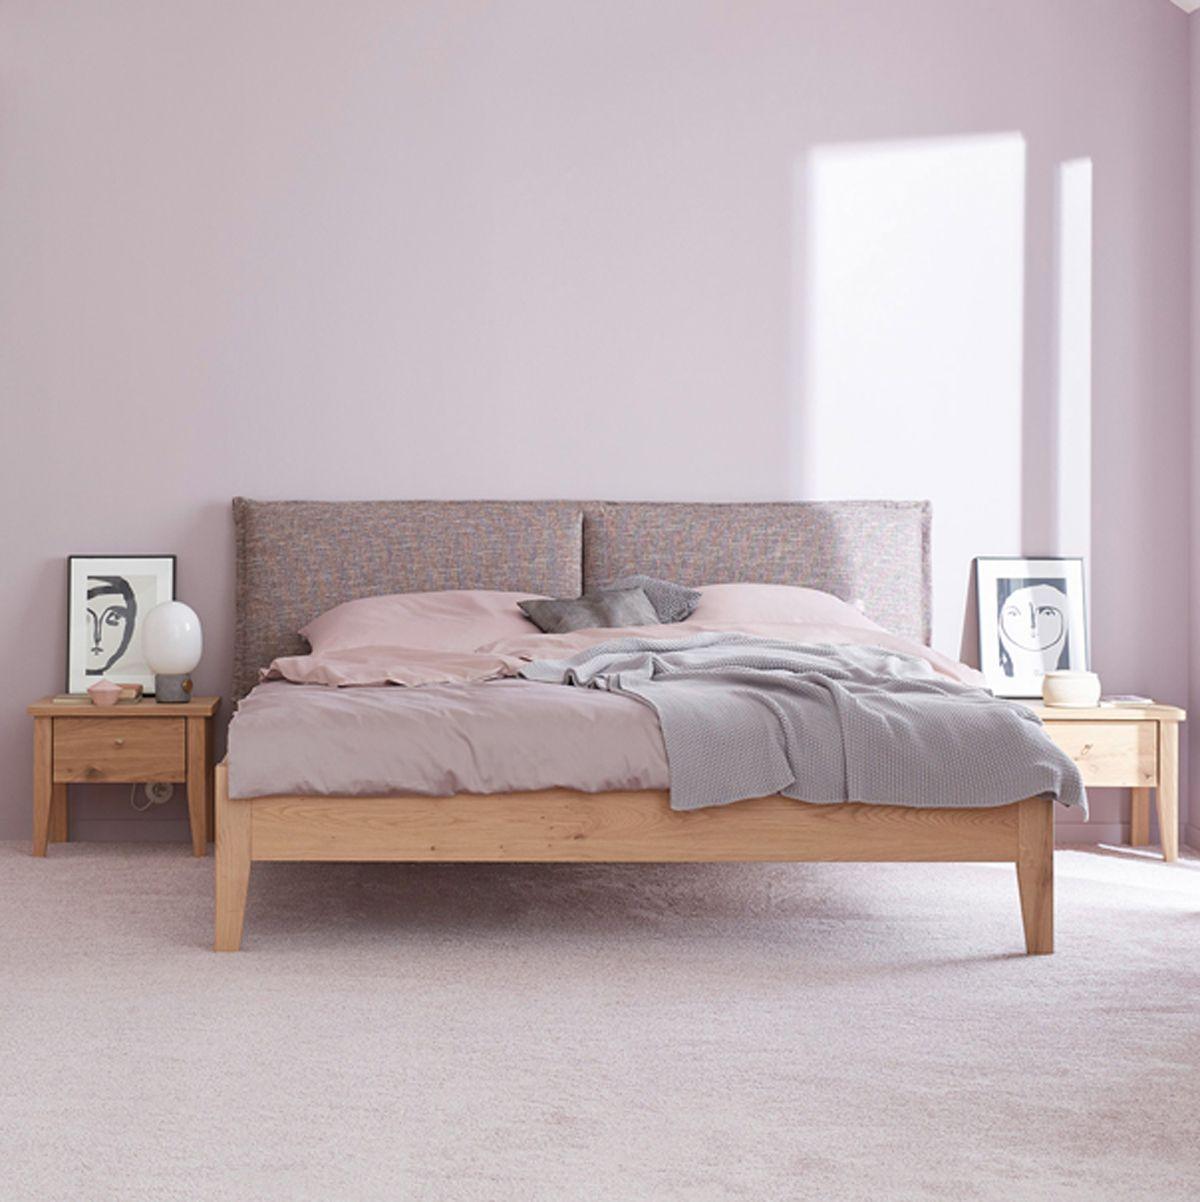 ein kopfteil wie ein kissen bei unserem bett janne kann man komfort sogar sehen bezogen ist. Black Bedroom Furniture Sets. Home Design Ideas